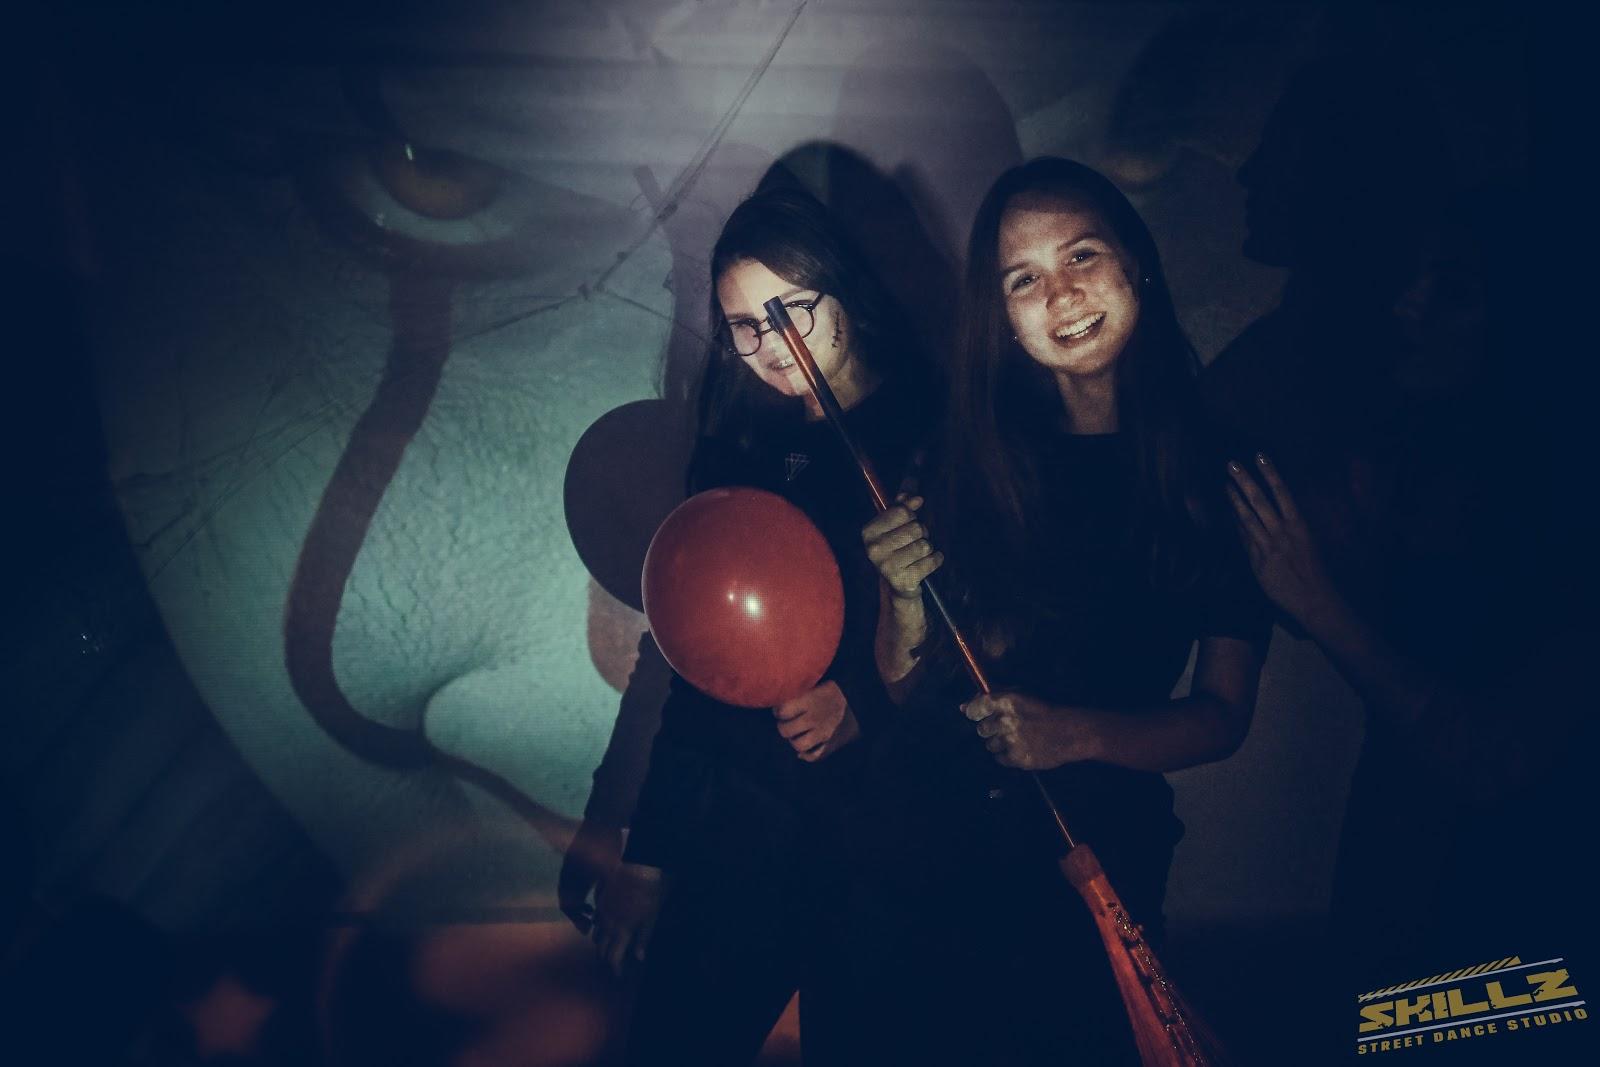 Naujikų krikštynos @SKILLZ (Halloween tema) - PANA1625.jpg